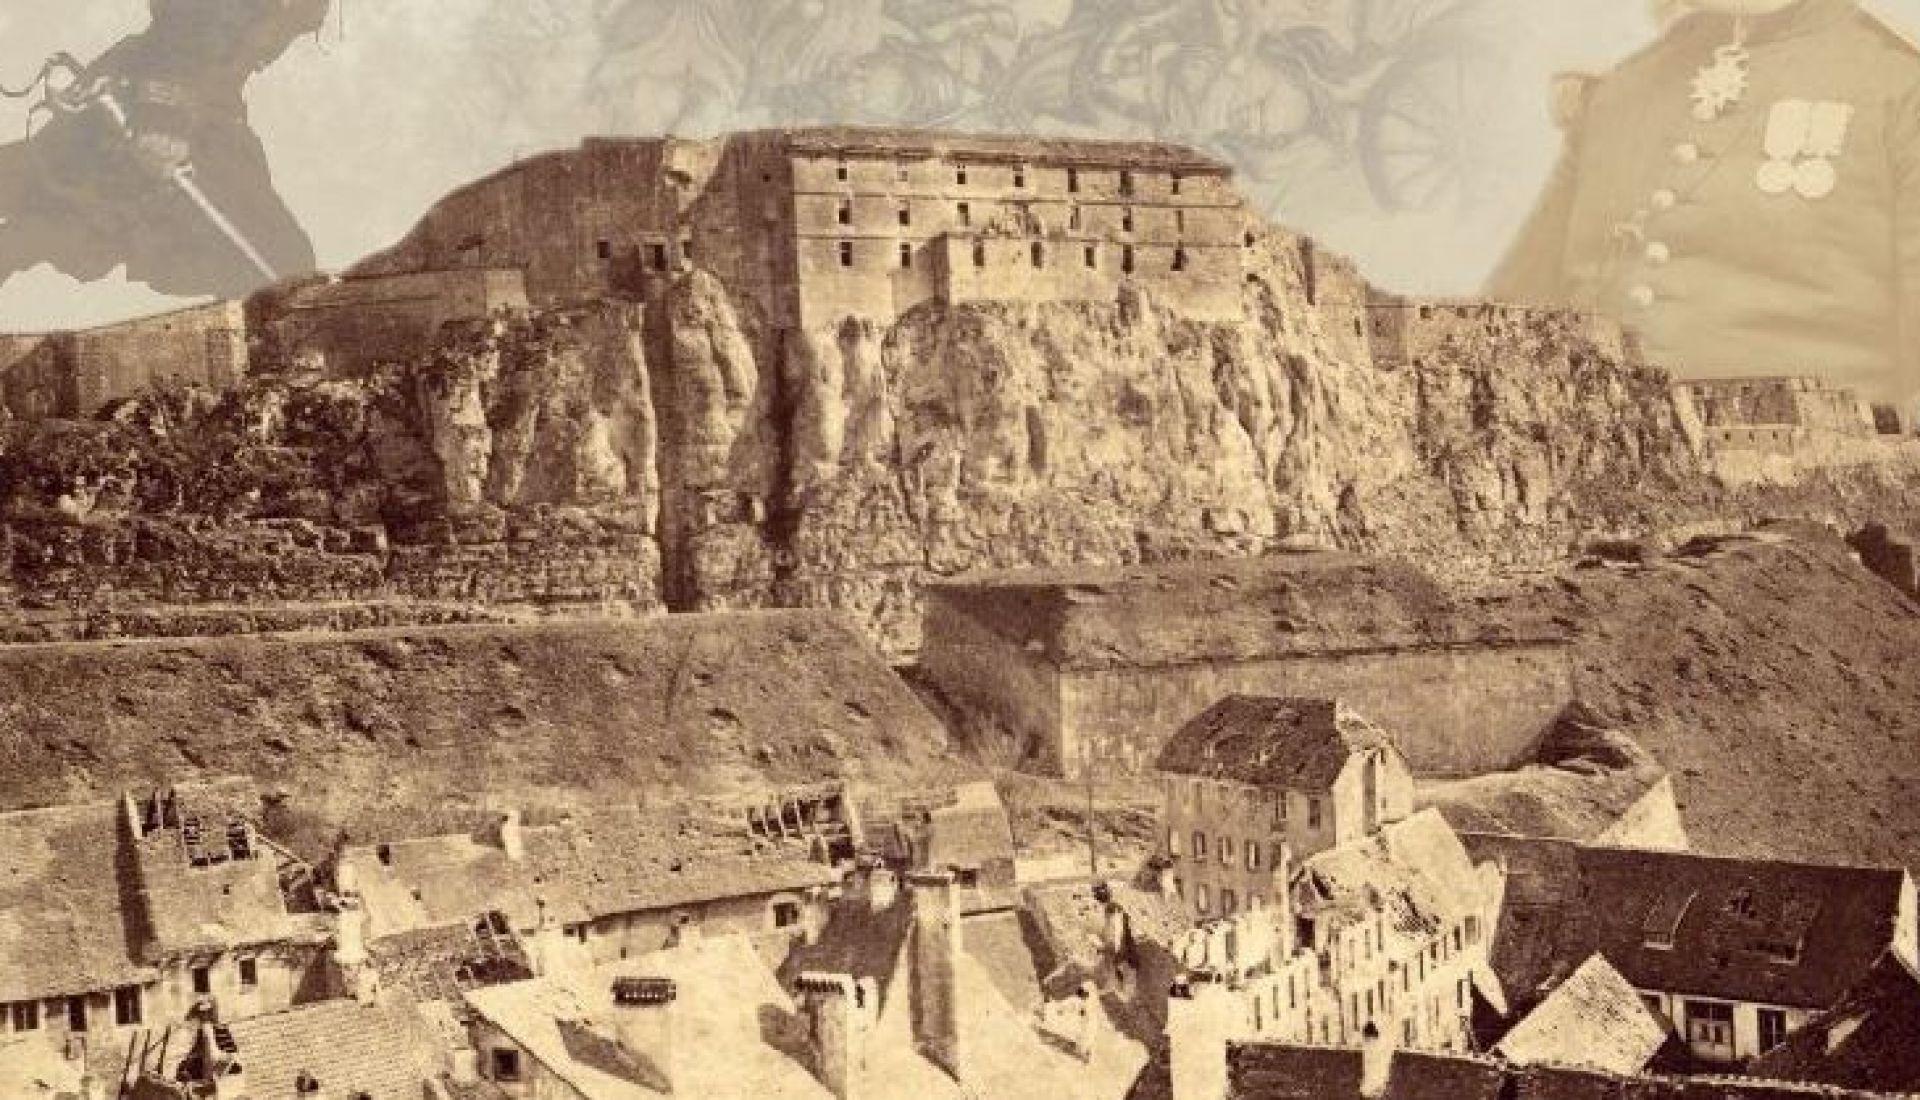 Le siège de 1870